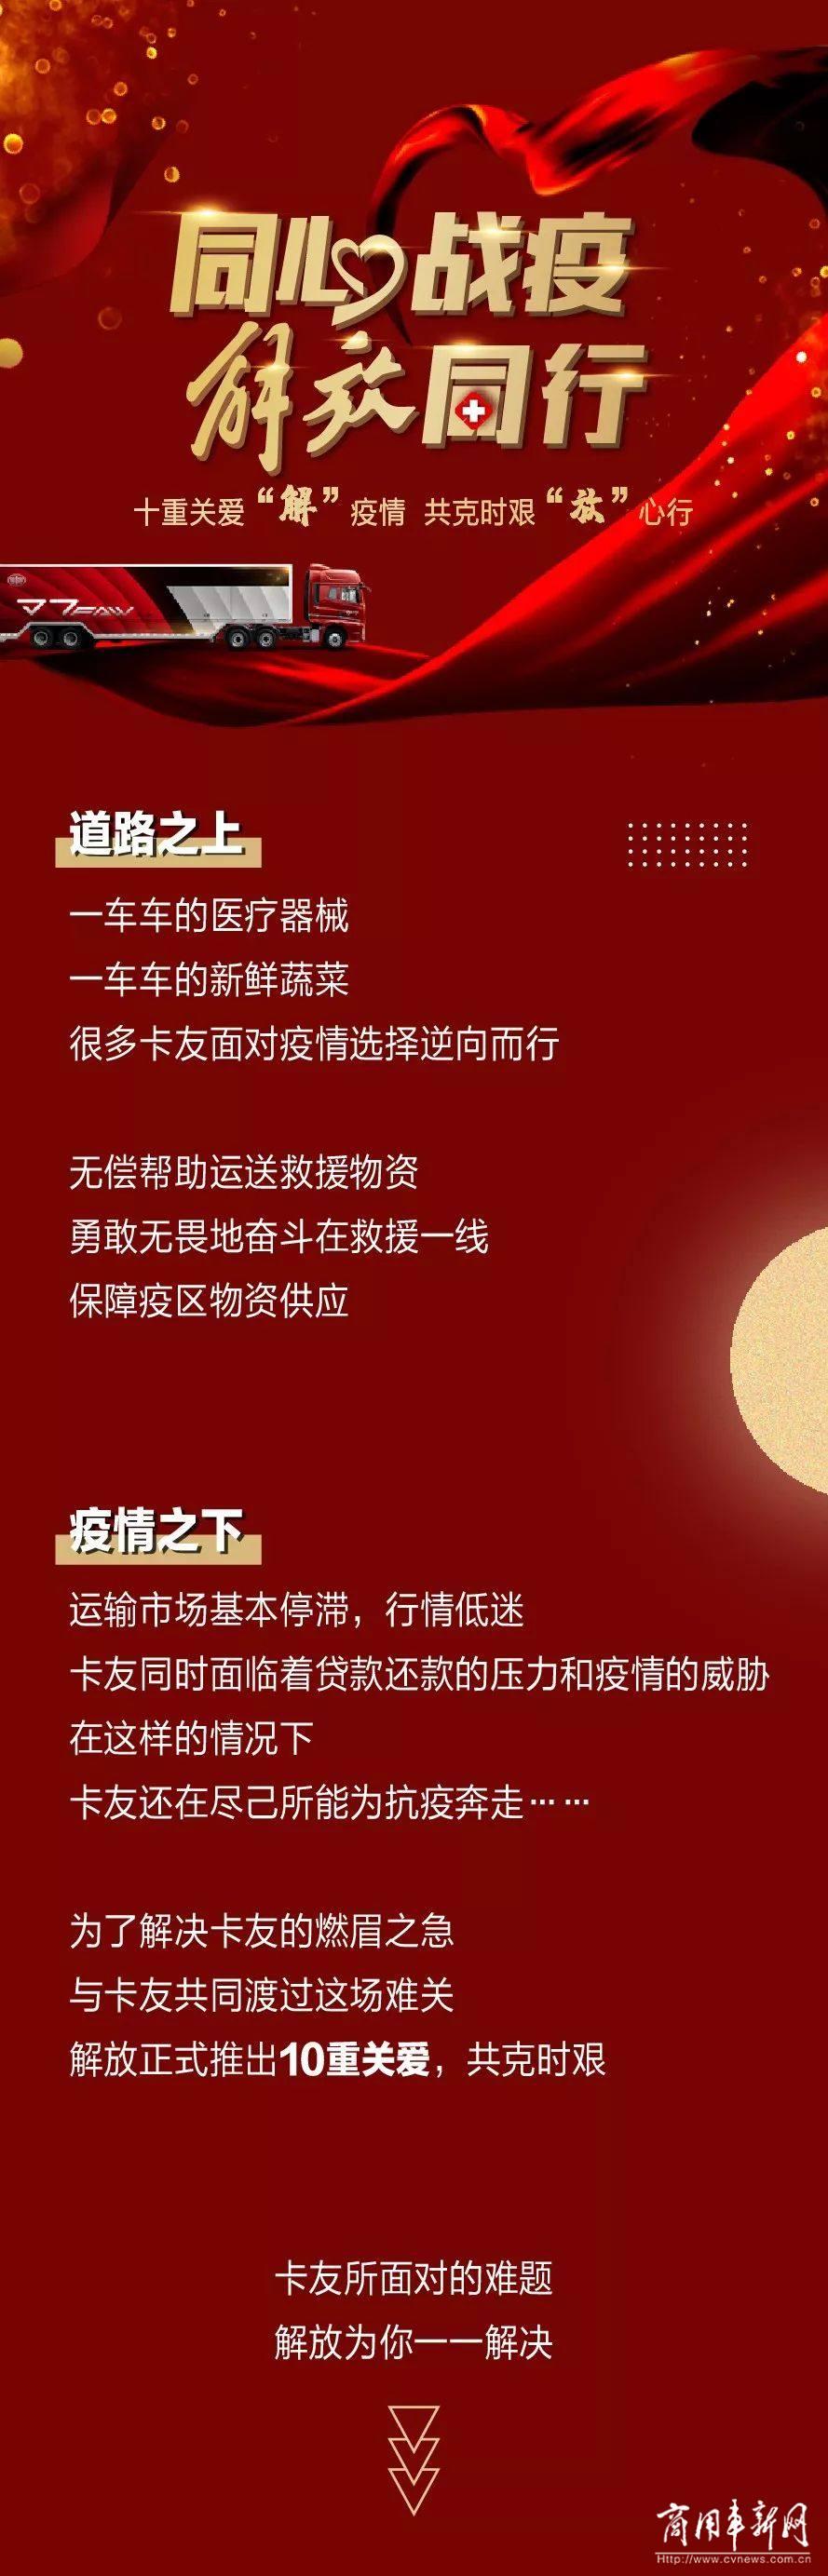 """十重关爱""""解""""疫情,共克时艰""""放""""心行"""